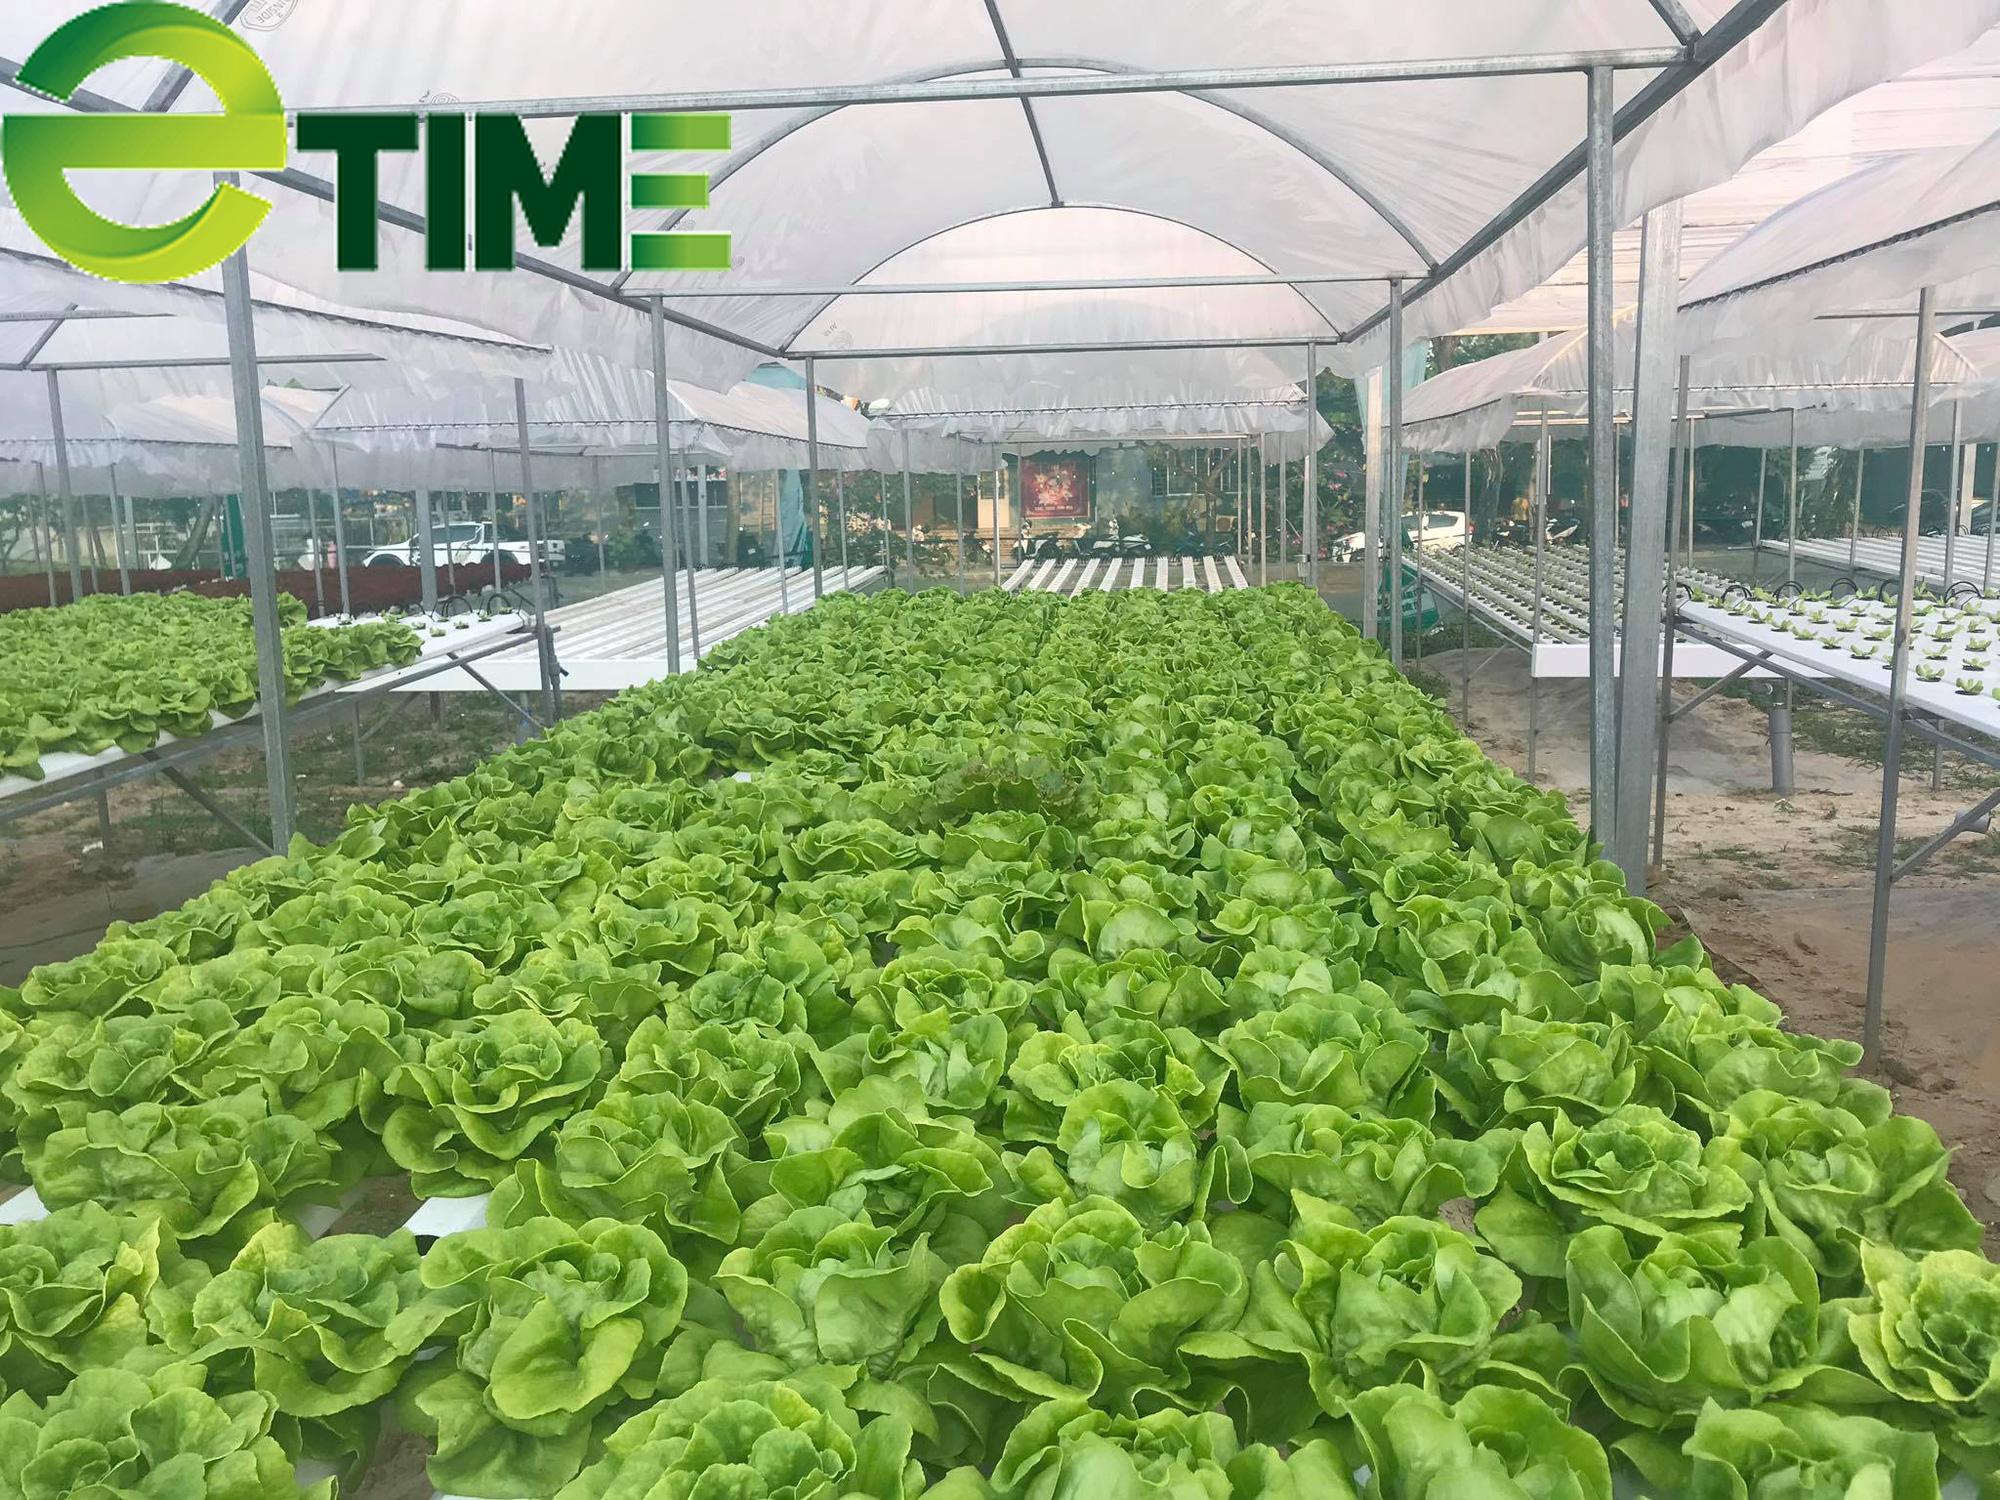 Đà Nẵng: 7X thuê đất để khởi nghiệp từ rau thủy canh, thu 2 triệu đồng/ngày - Ảnh 2.